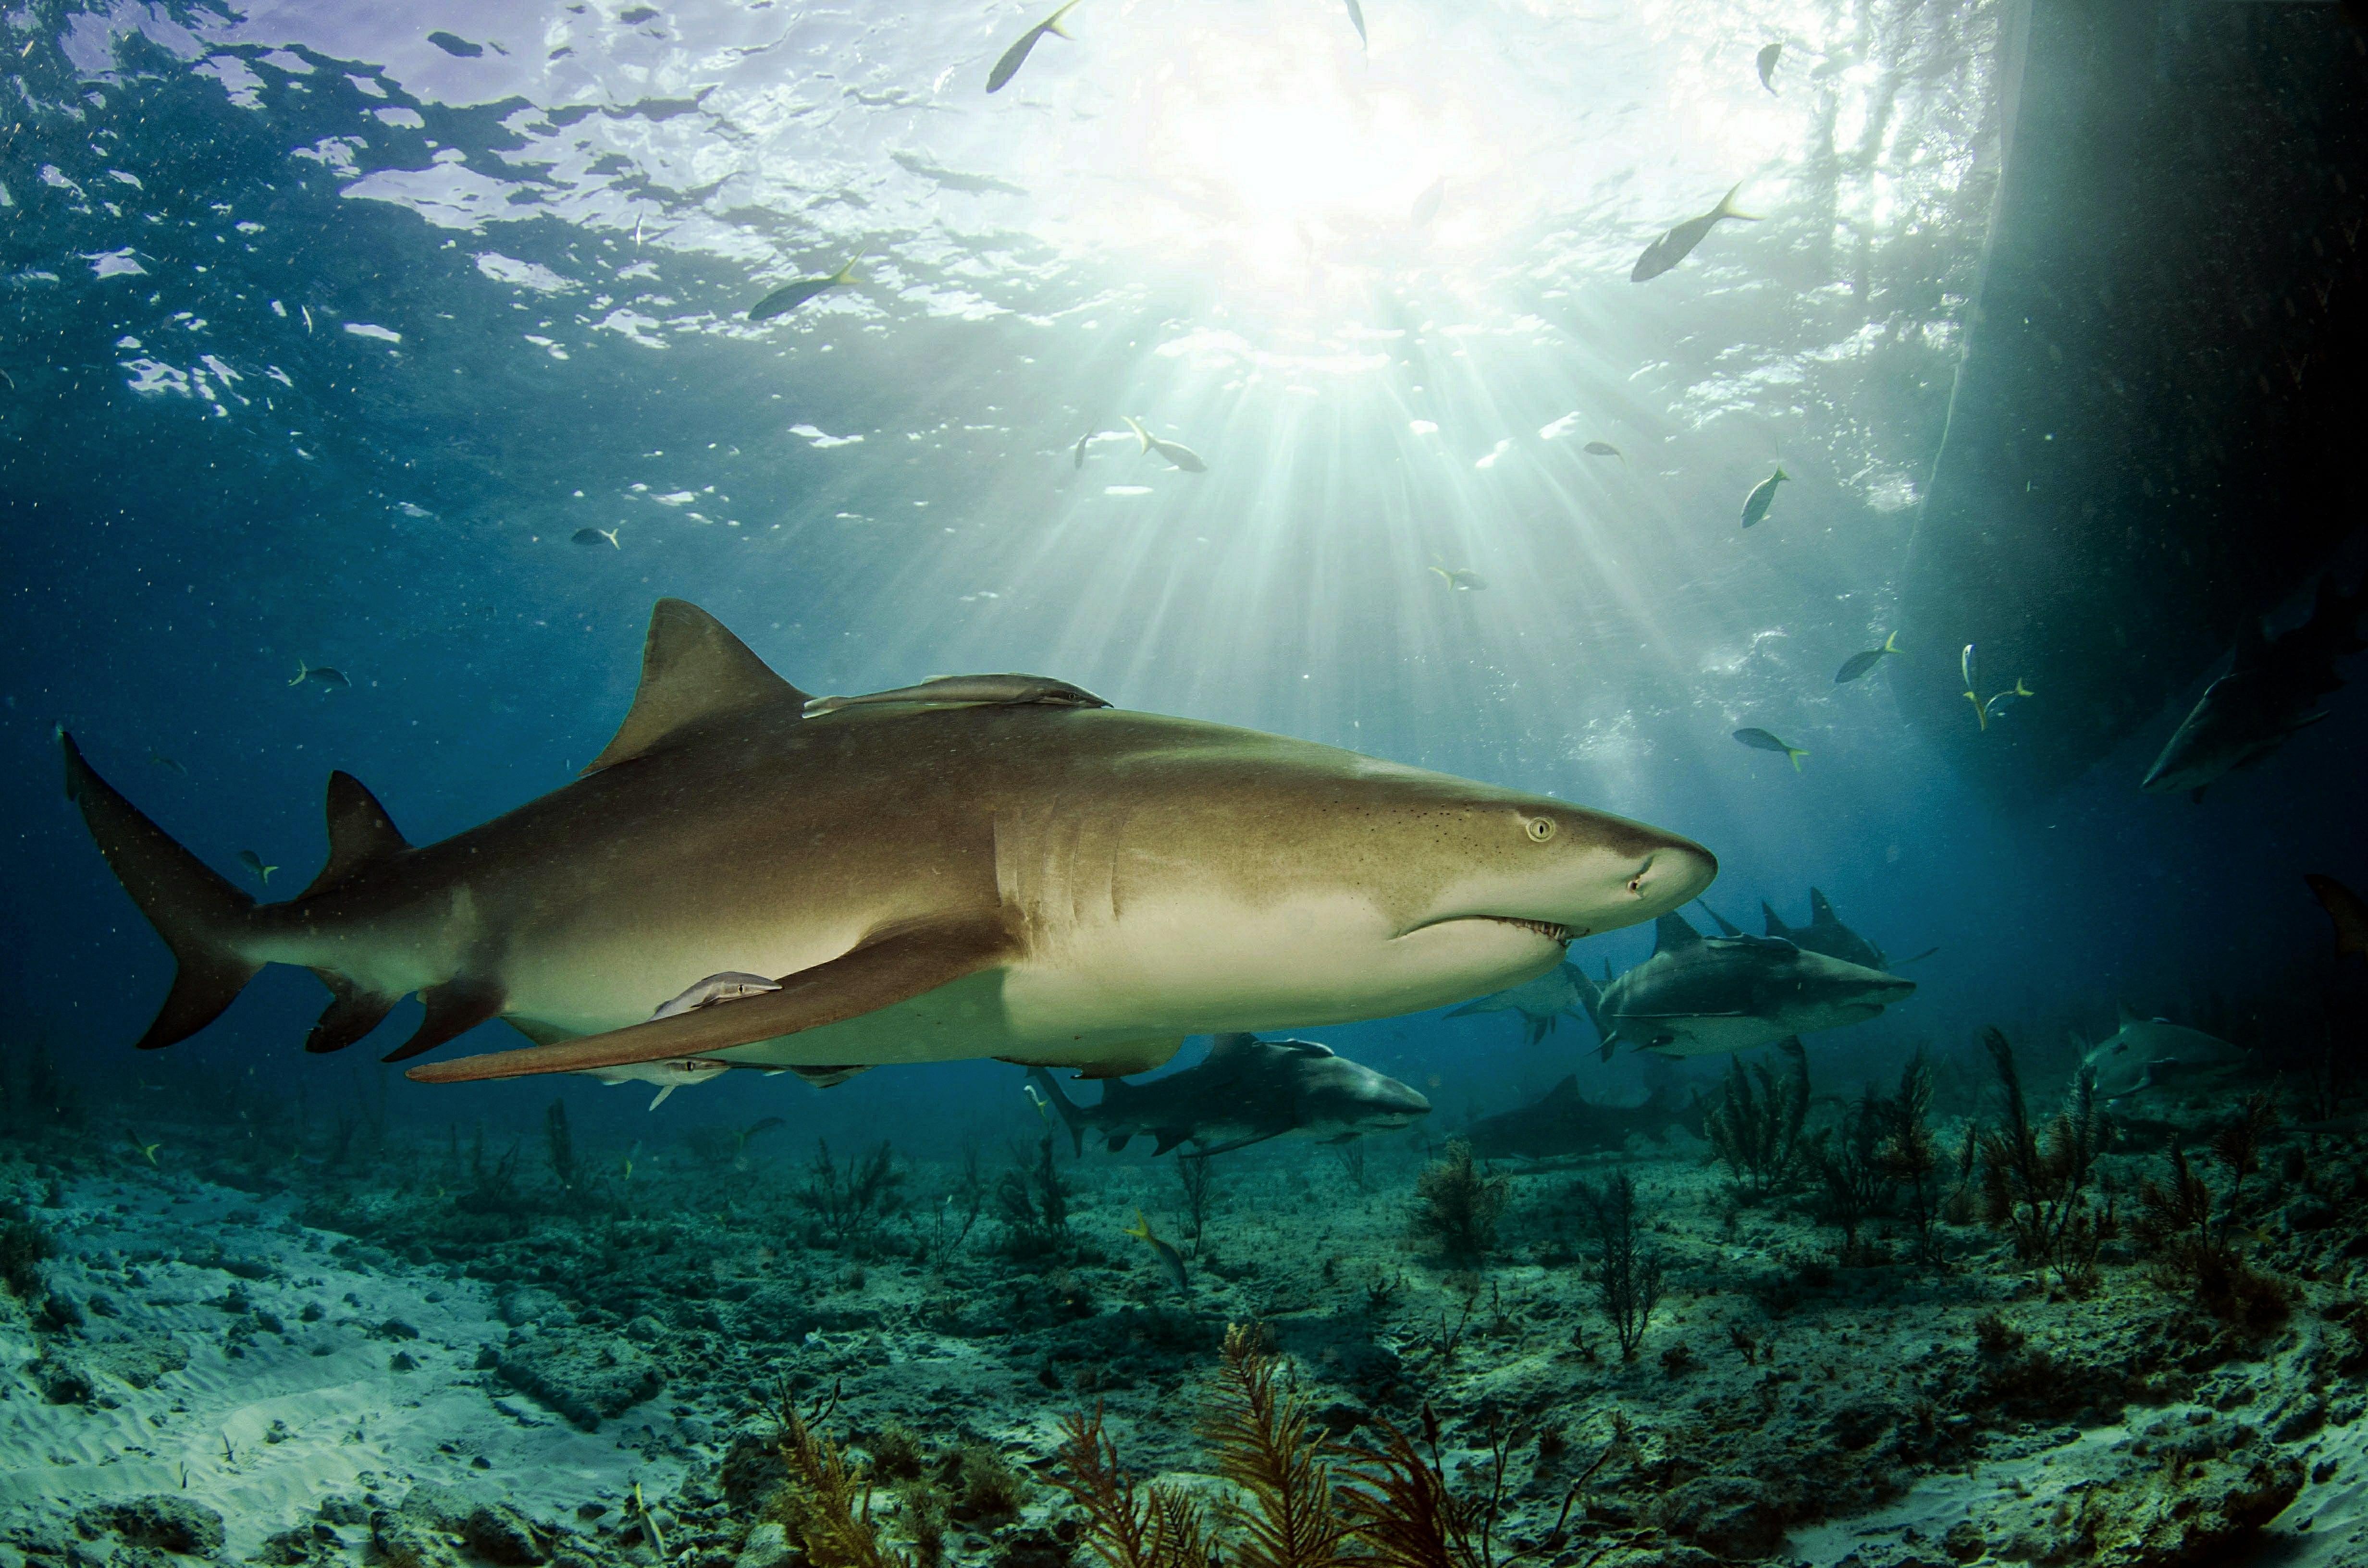 фотографии акул высокой четкости федеральные сети последнее